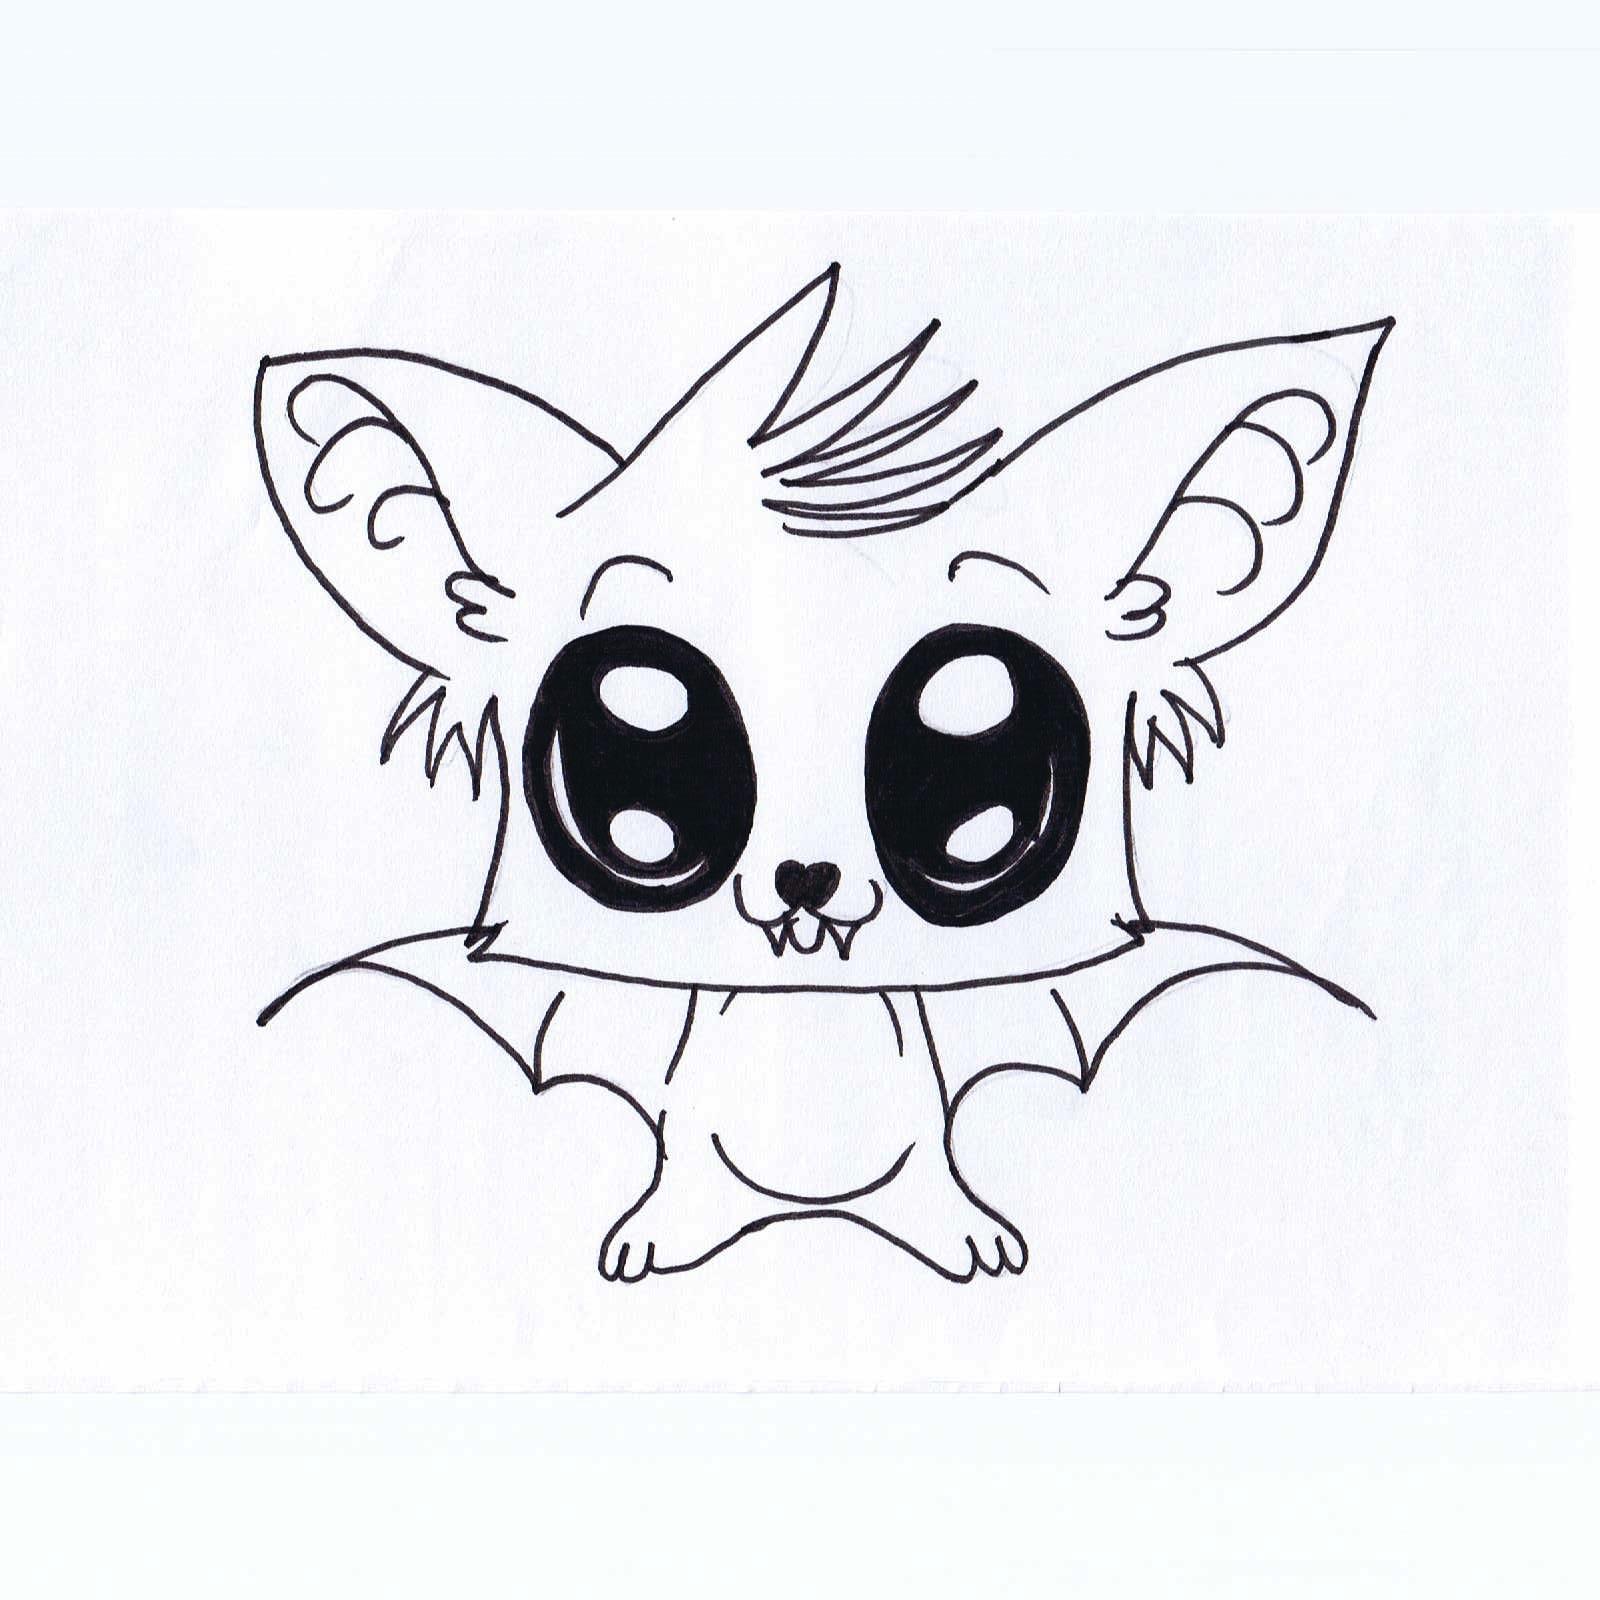 Drawn cute bat Cute Cute Dr Drawings Drawings